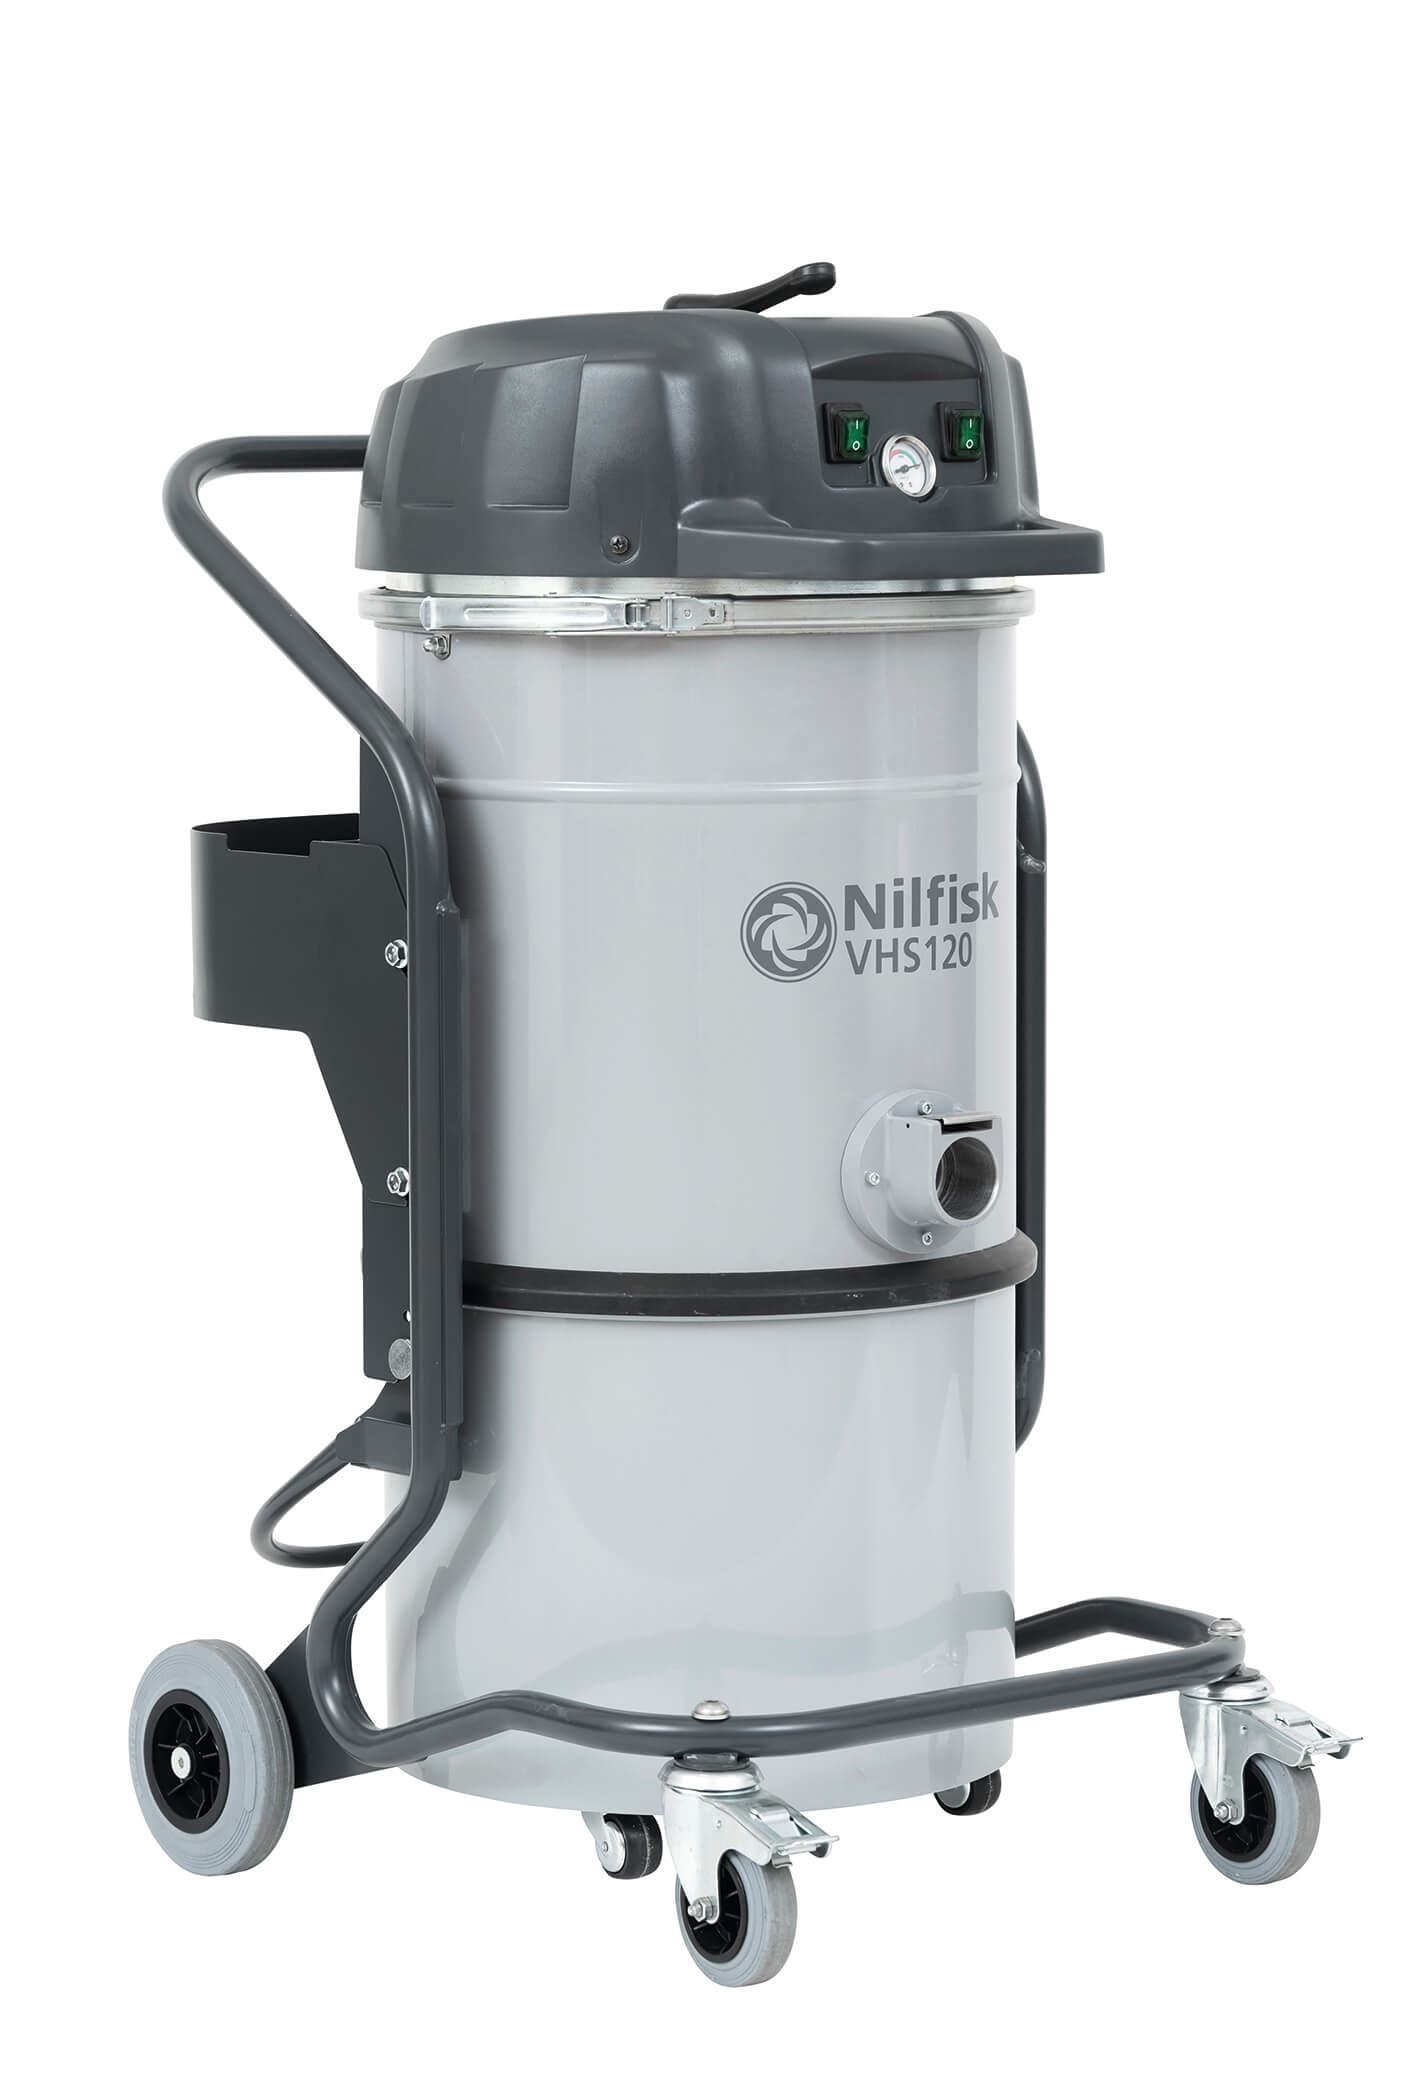 Nilfisk Industrial Vacuums